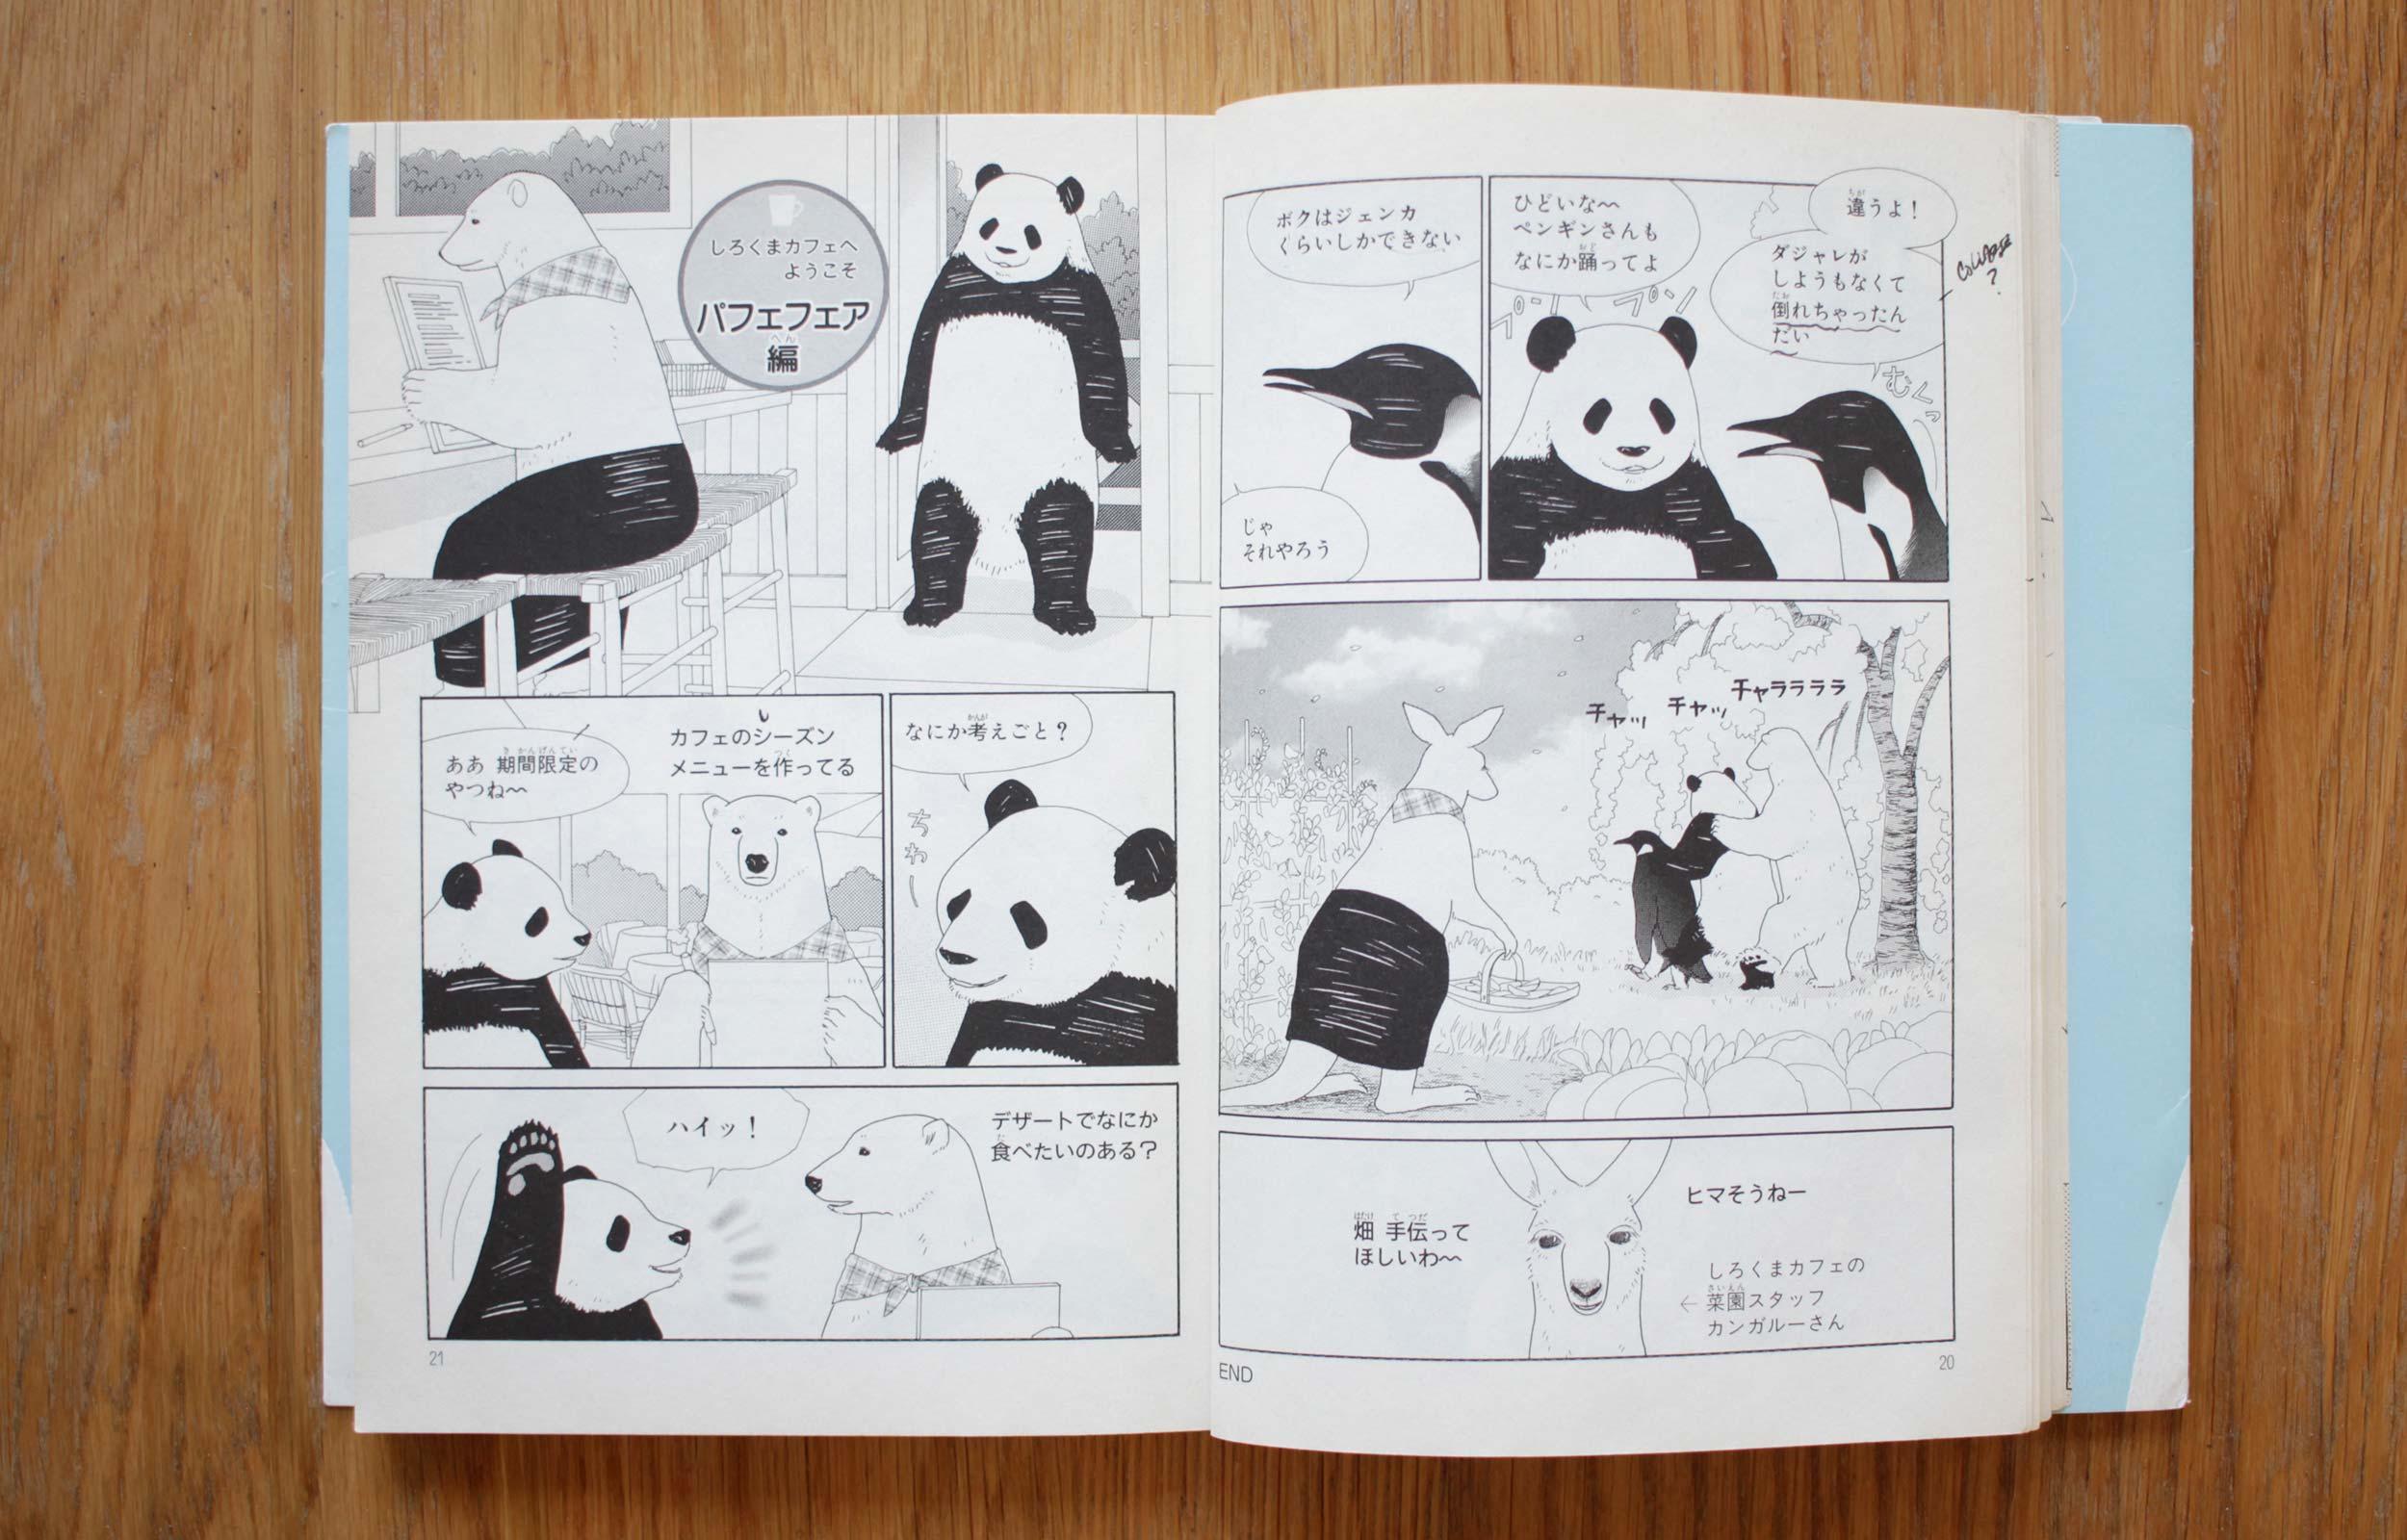 Polar Bear, Penguin and Panda bear dancing